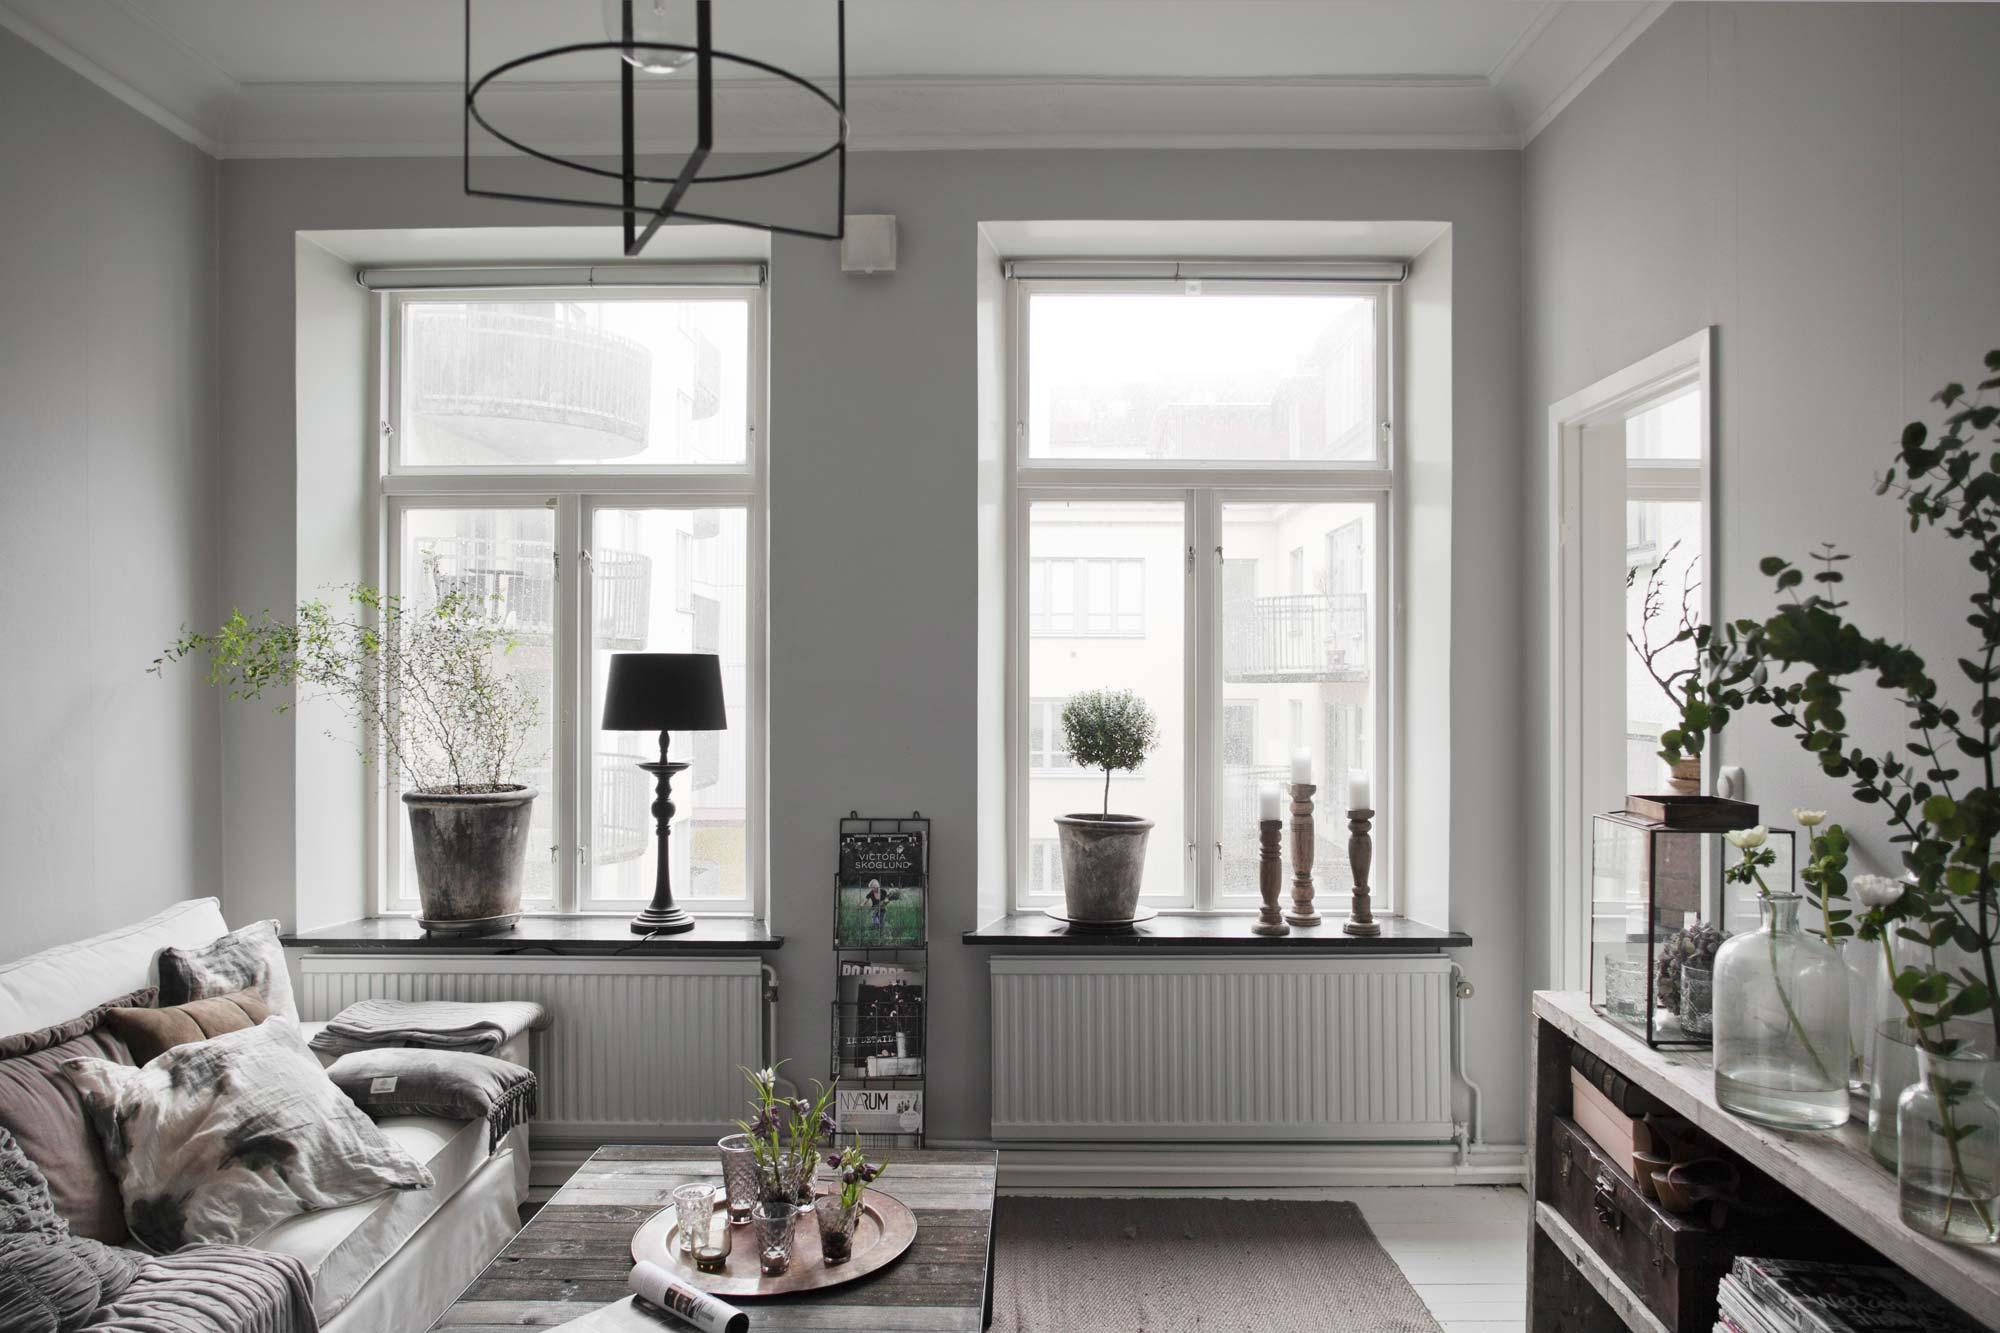 Come scegliere l 39 esposizione solare della casa - Migliore esposizione casa ...